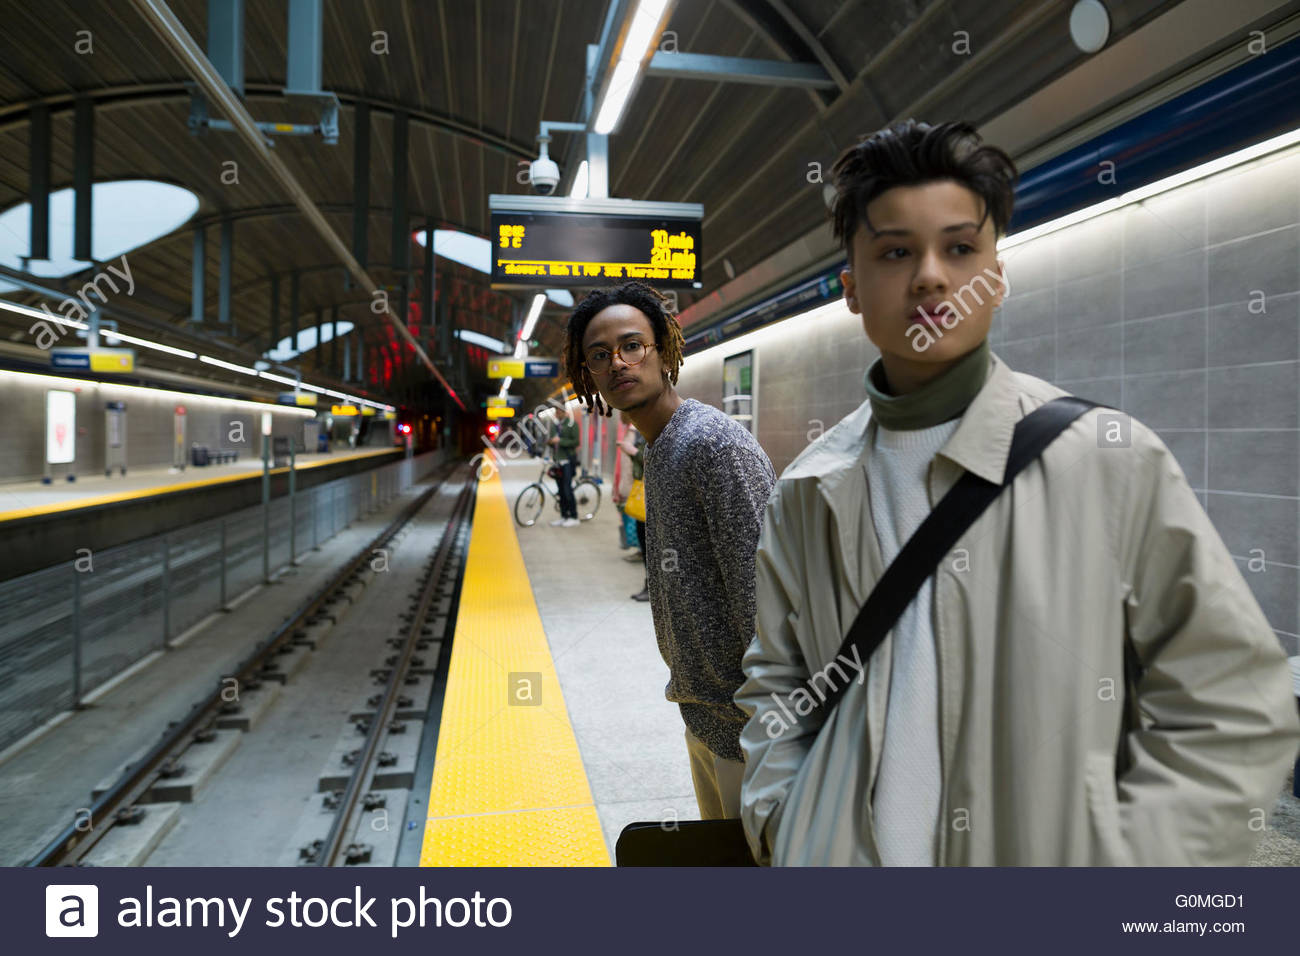 Les jeunes hommes sur la plate-forme d'attente de la station de métro Photo Stock